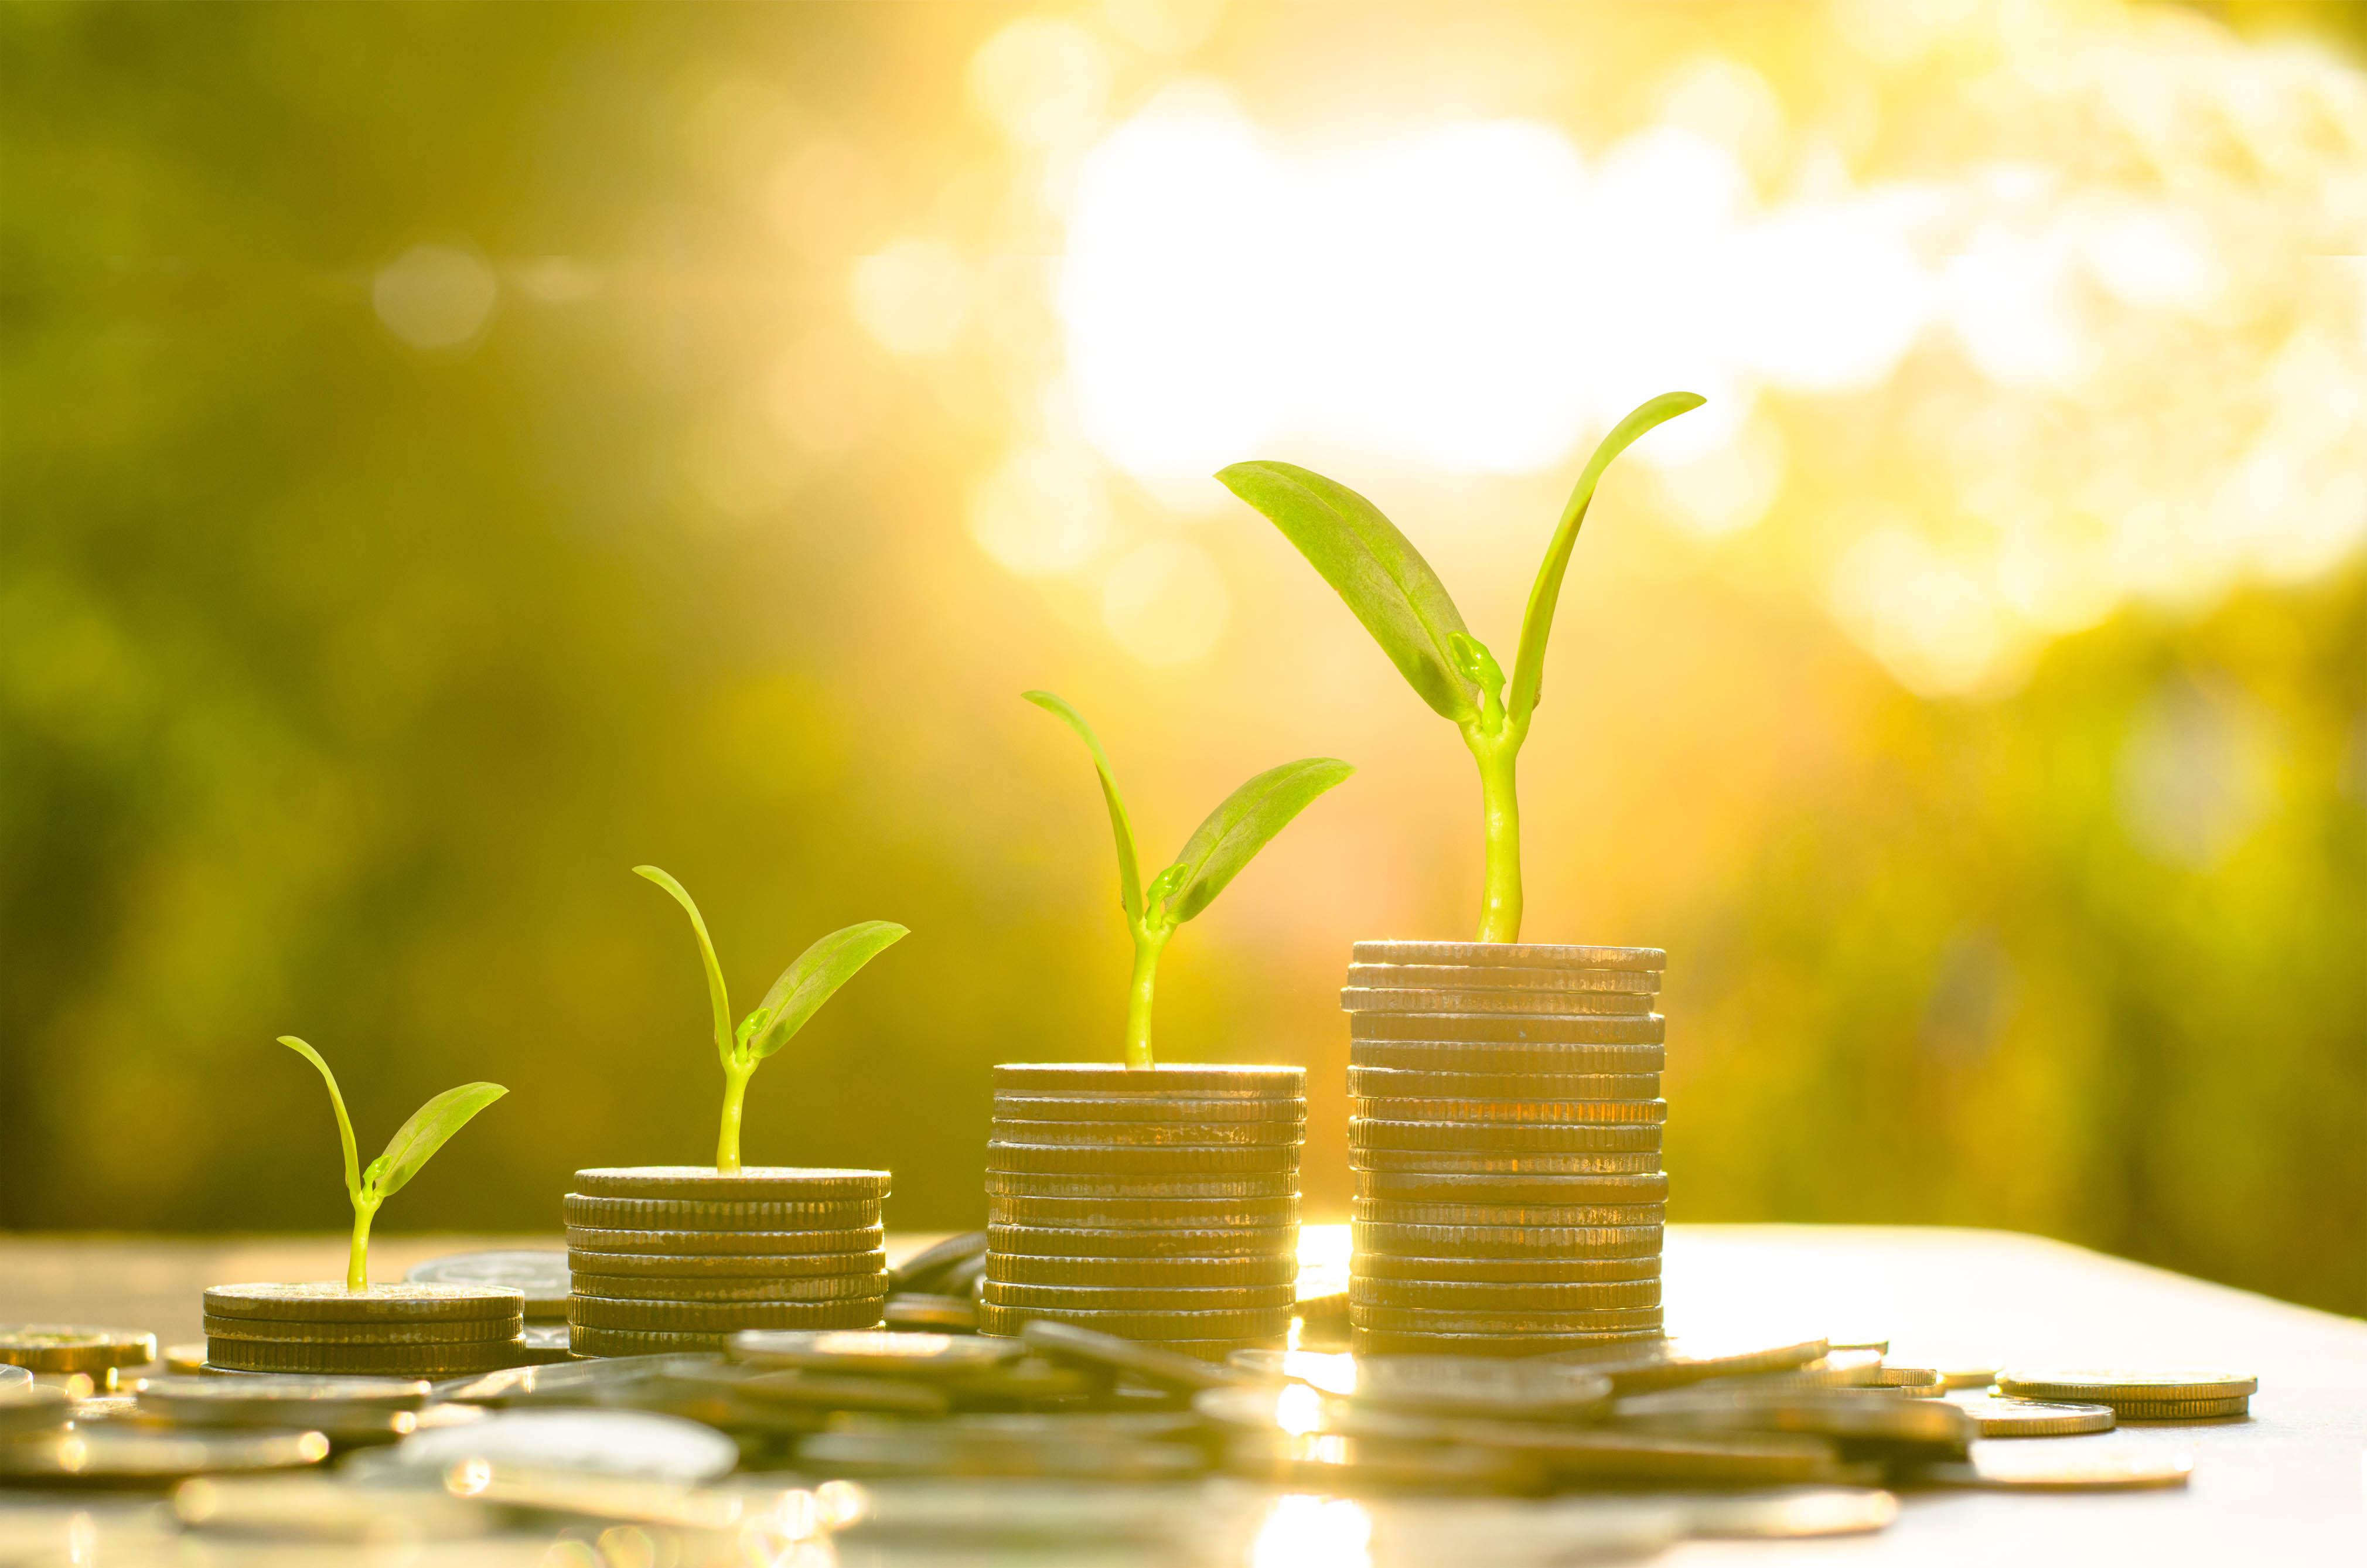 Savings at Colne PCCU